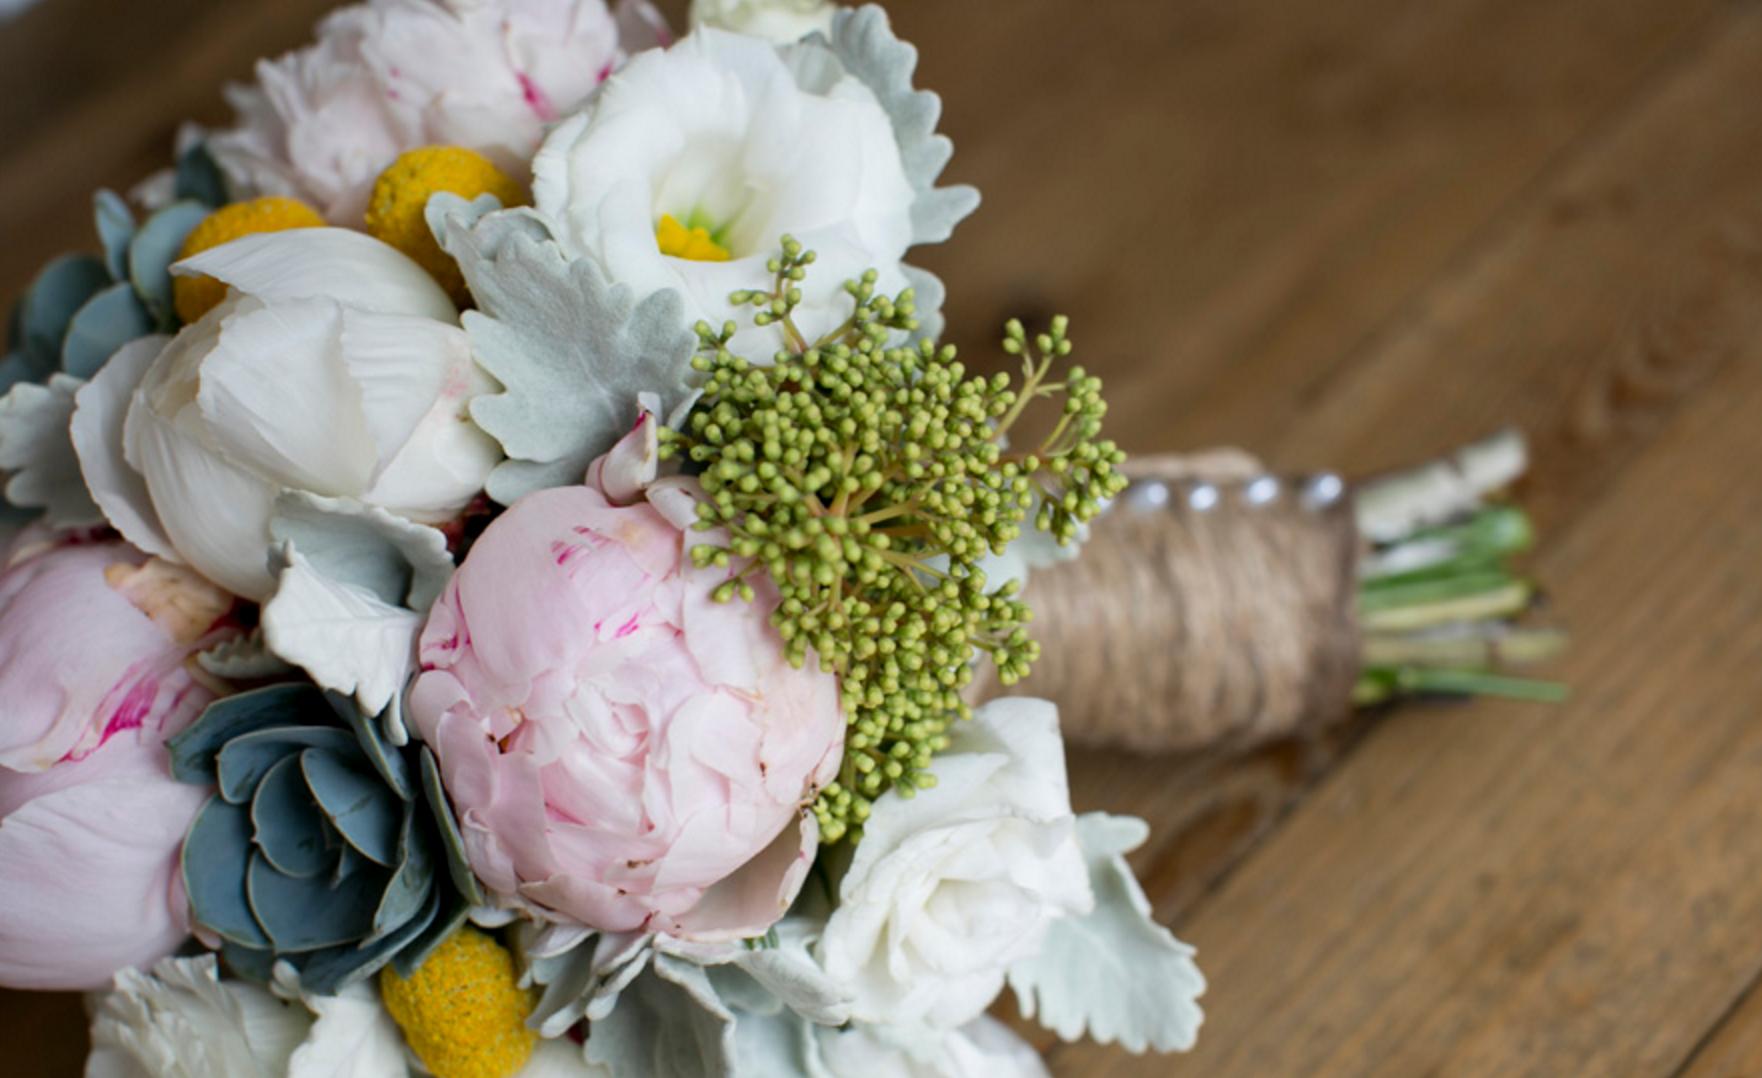 Chantell's Wedding Bouquet